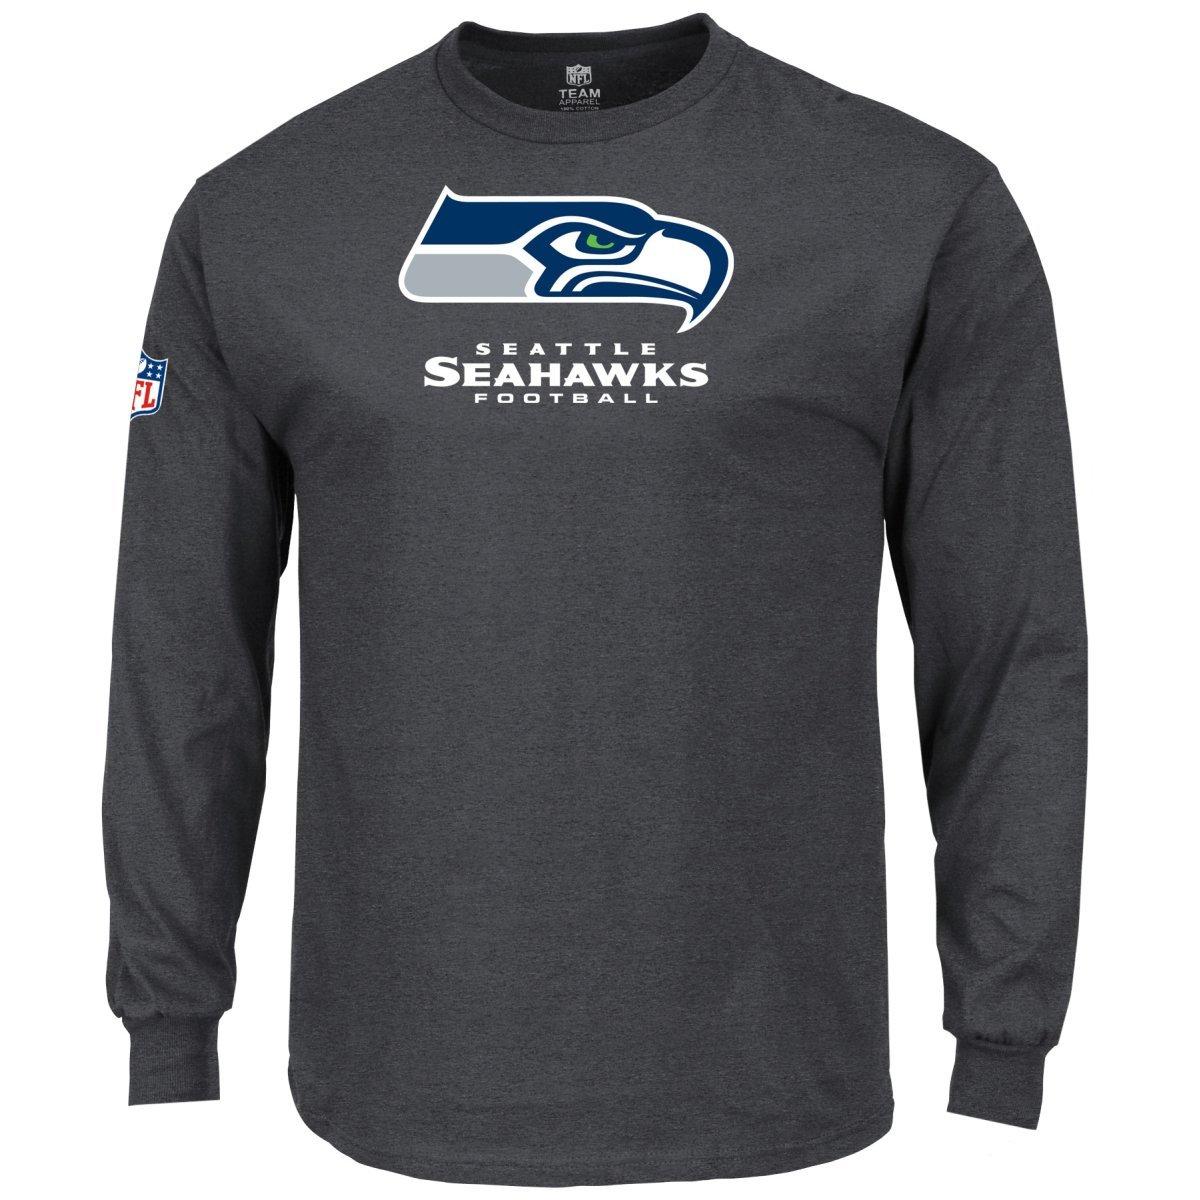 Majestic nostro team manica lunga – Seattle Seahawks antracite, antracite, antracite, Uomo, Charcoal, L | Costi Moderati  | Benvenuto  | Prestazioni Superiori  | Adatto per il colore  | Nuovo Prodotto 2019  fb5cf9